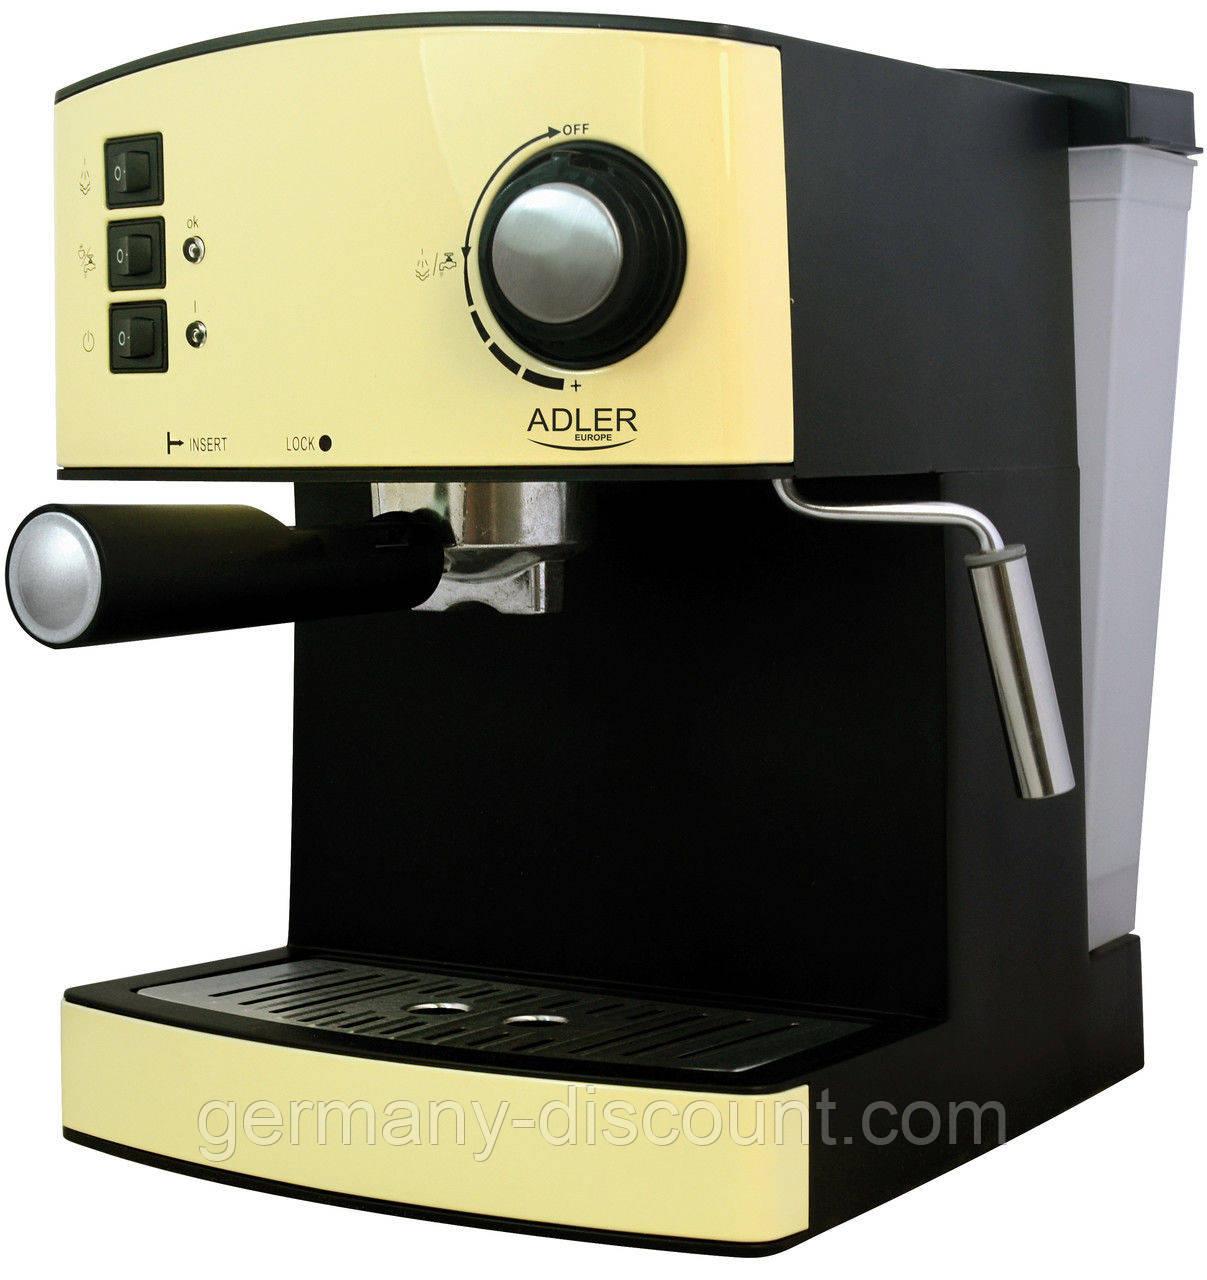 ADLER-Эспрессо кофеварка (Германия)